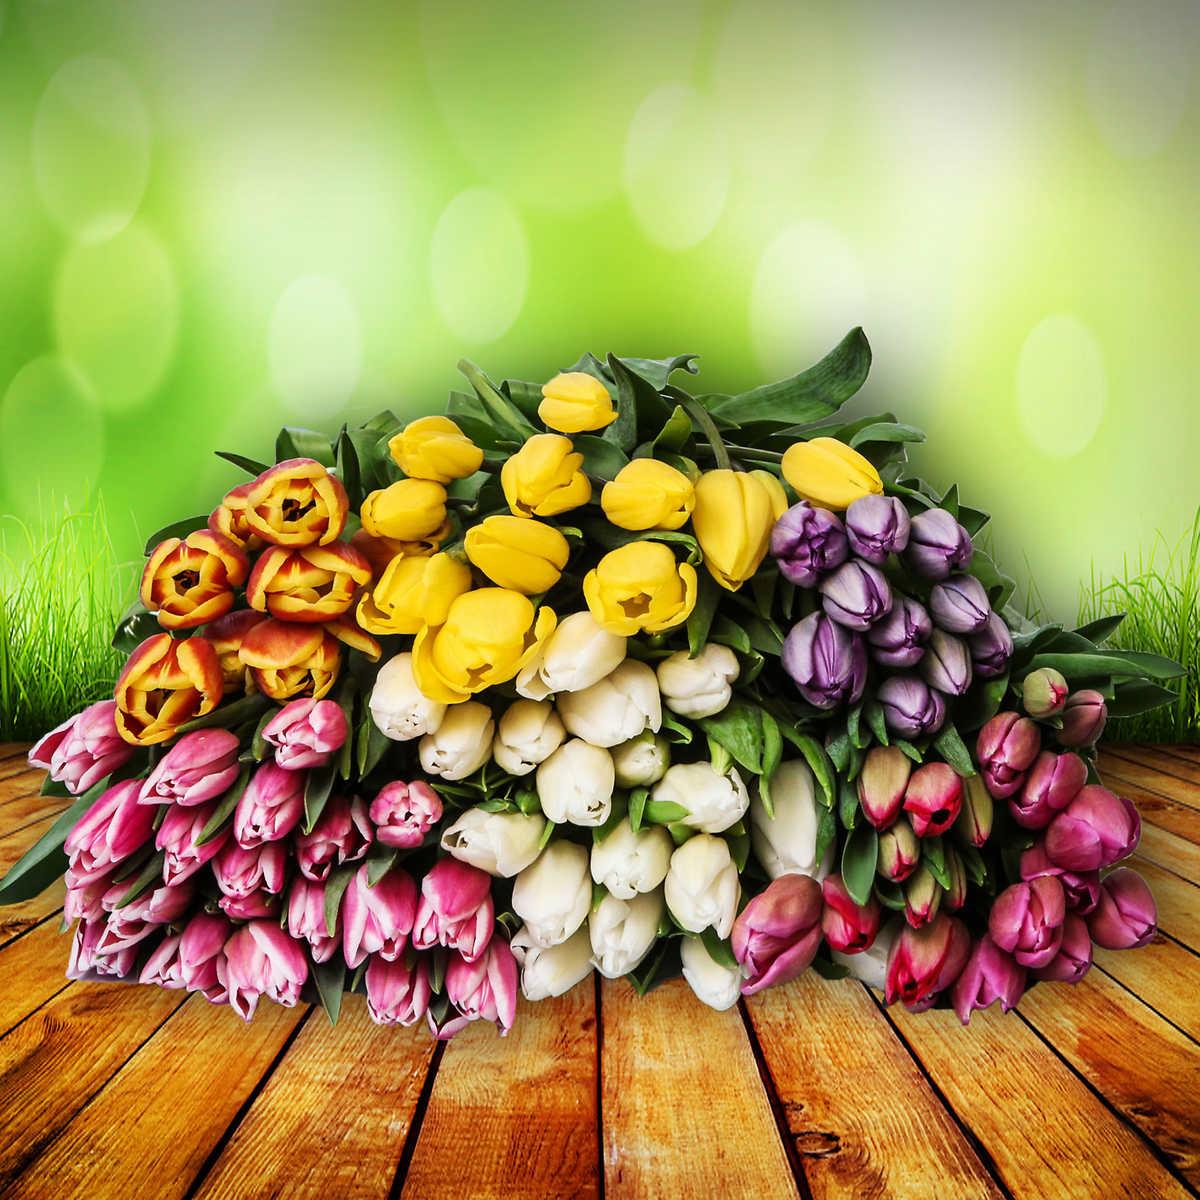 Premium canadian tulips 100 premium canadian tulips izmirmasajfo Images